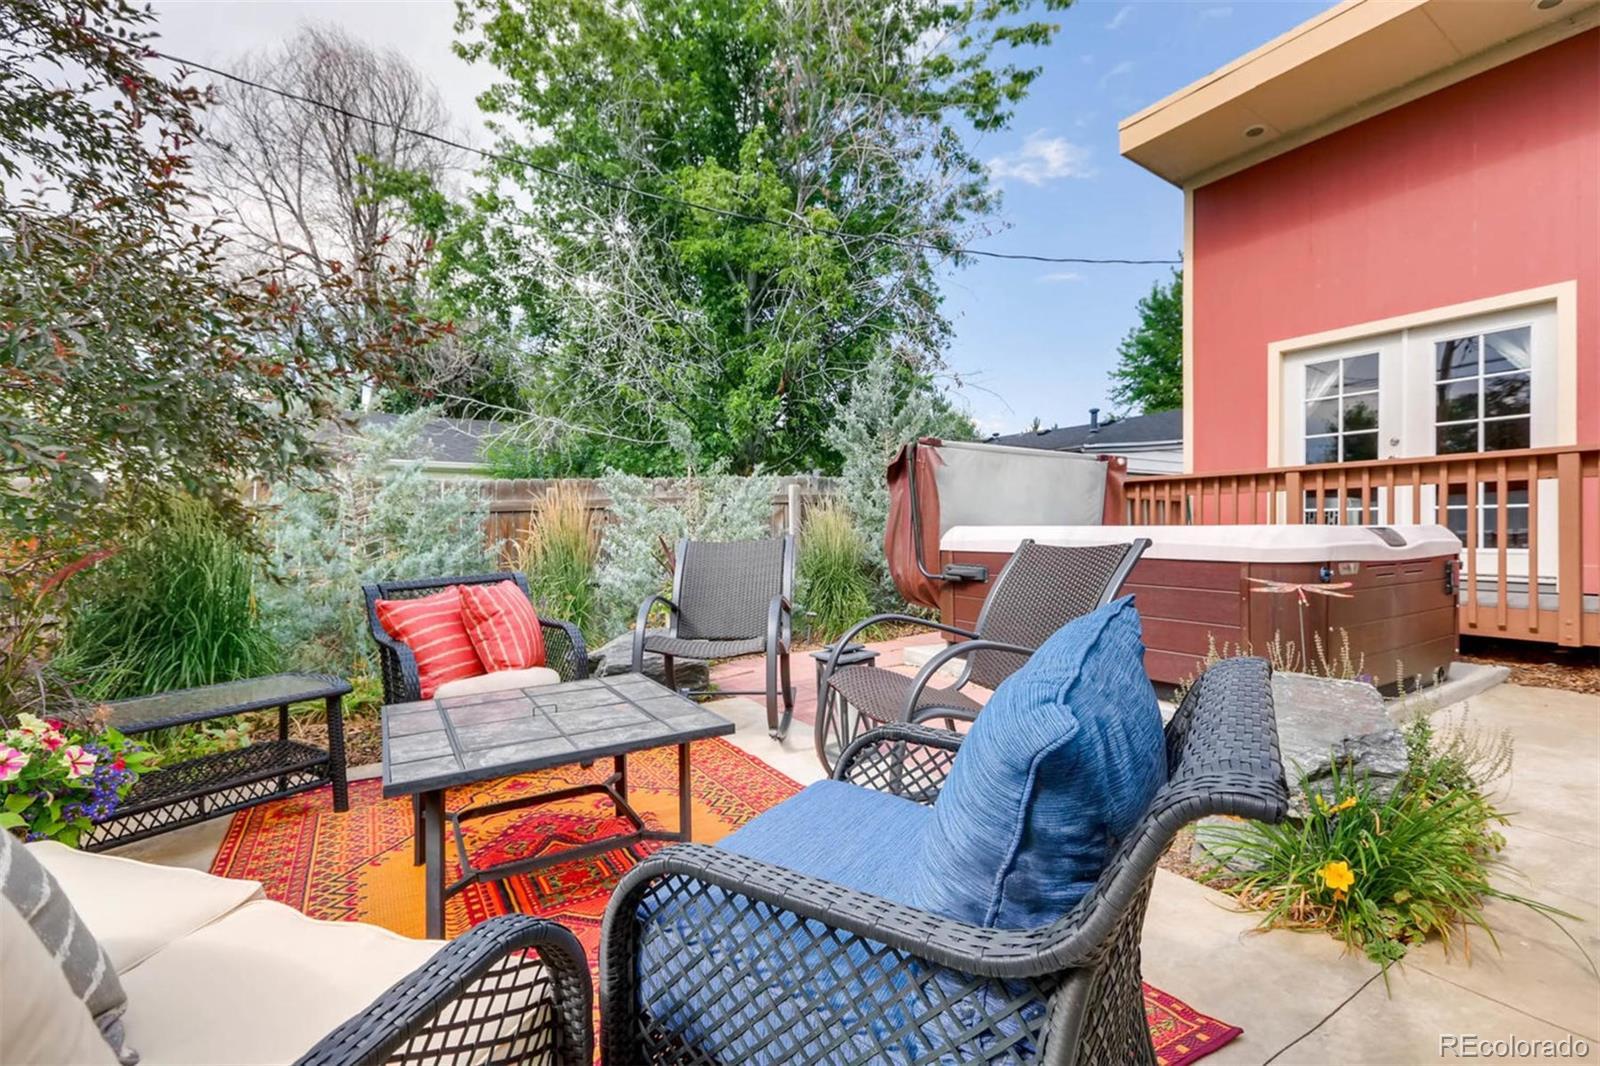 MLS# 2509999 - 37 - 1165 S Harrison Street, Denver, CO 80210